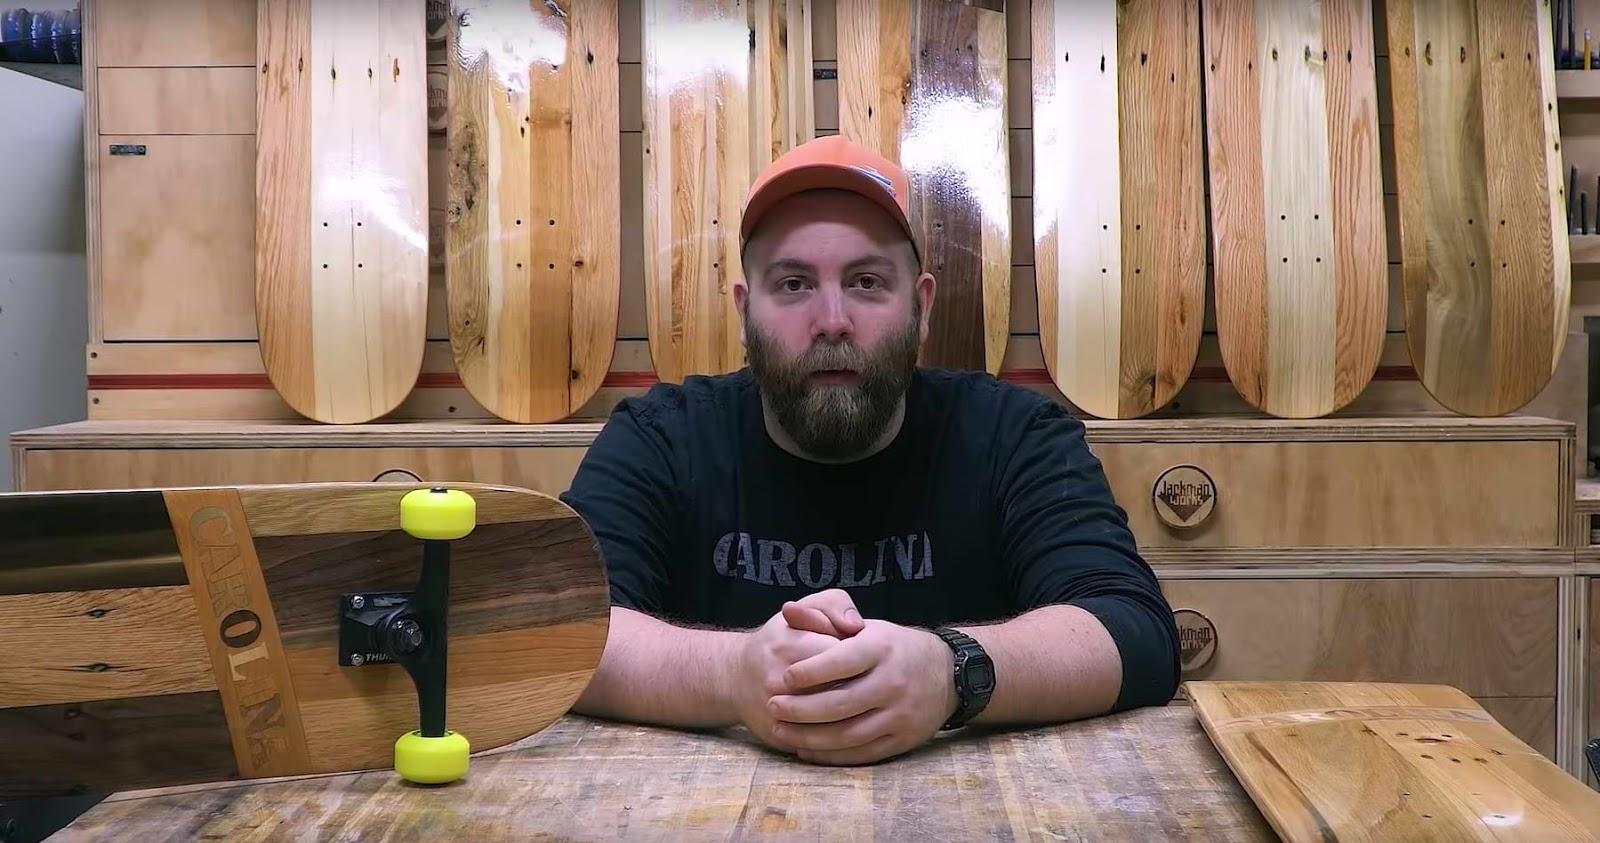 Skateboard Decks aus Palettenholzfurnier hergestellt. Paul Jackman zeigt wie er es macht in einem Video.